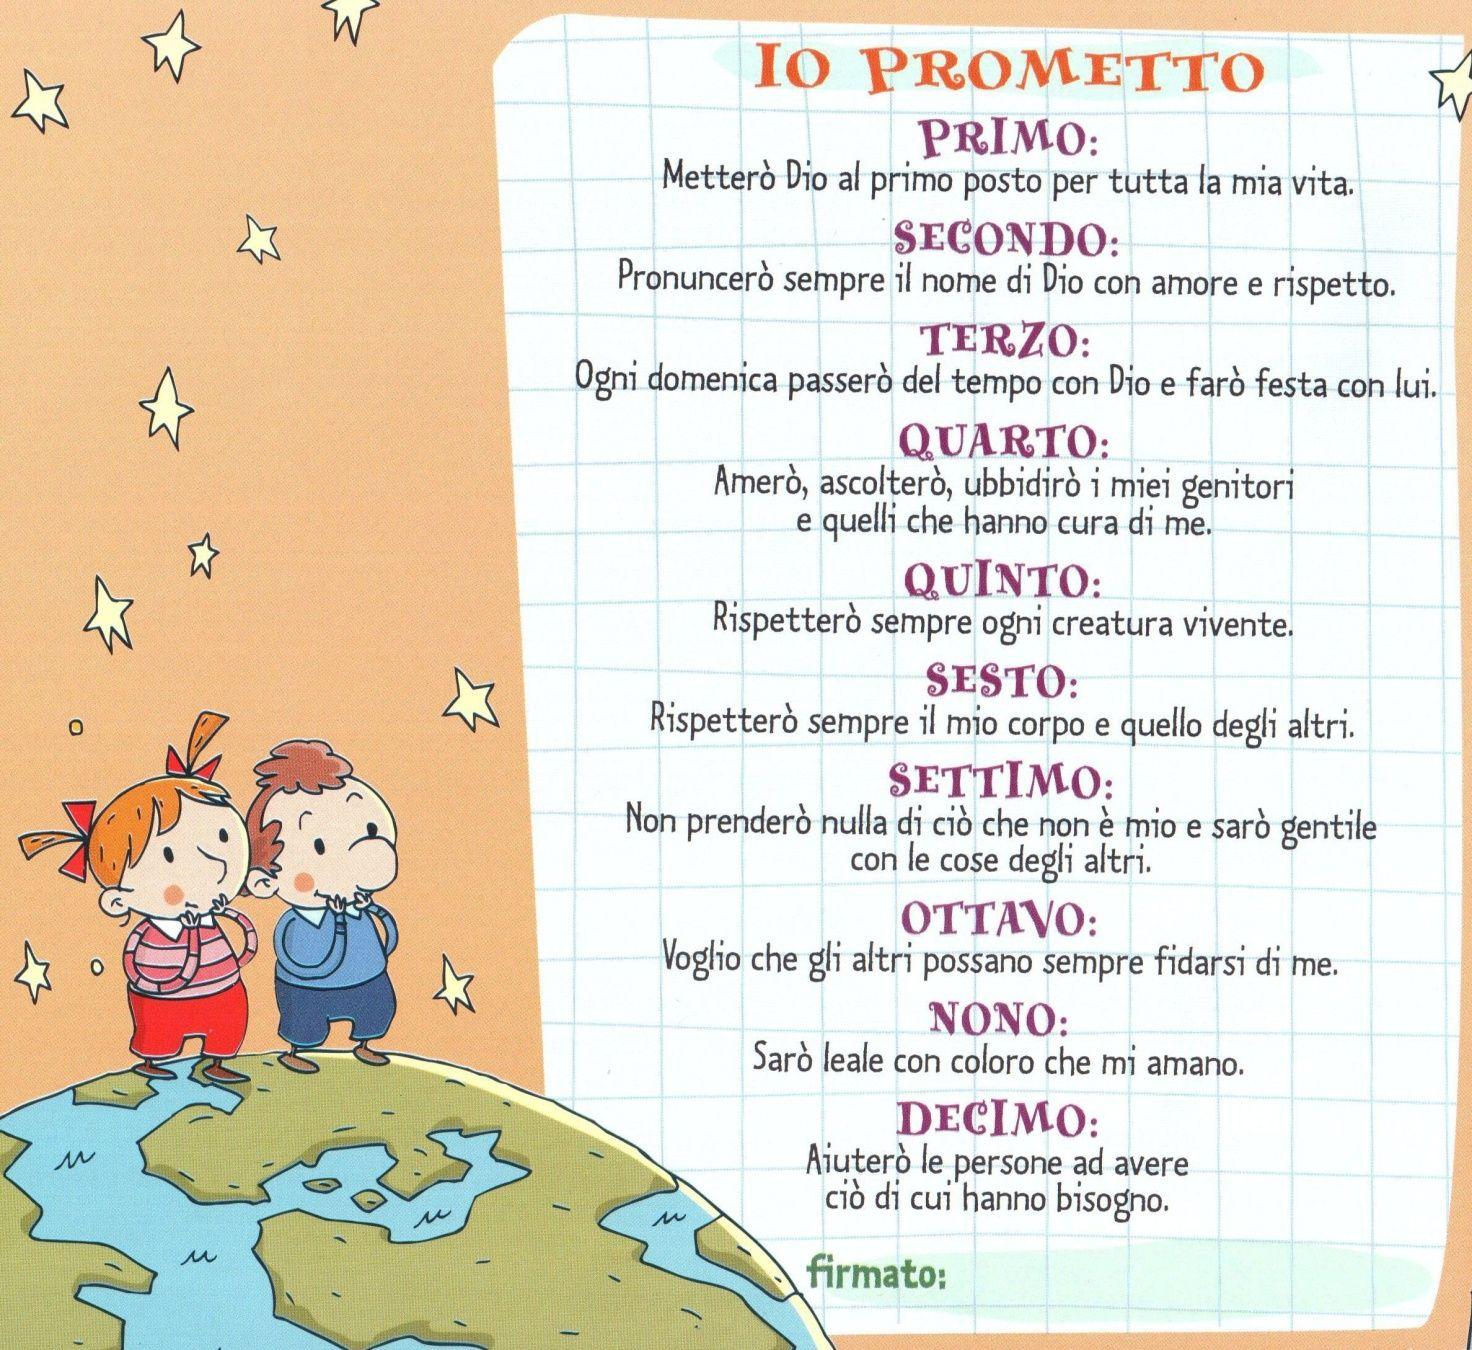 Scheda bambini promettto dieci comandamenti html m64755c69 idee catechismo scuola - Tavole dei dieci comandamenti ...